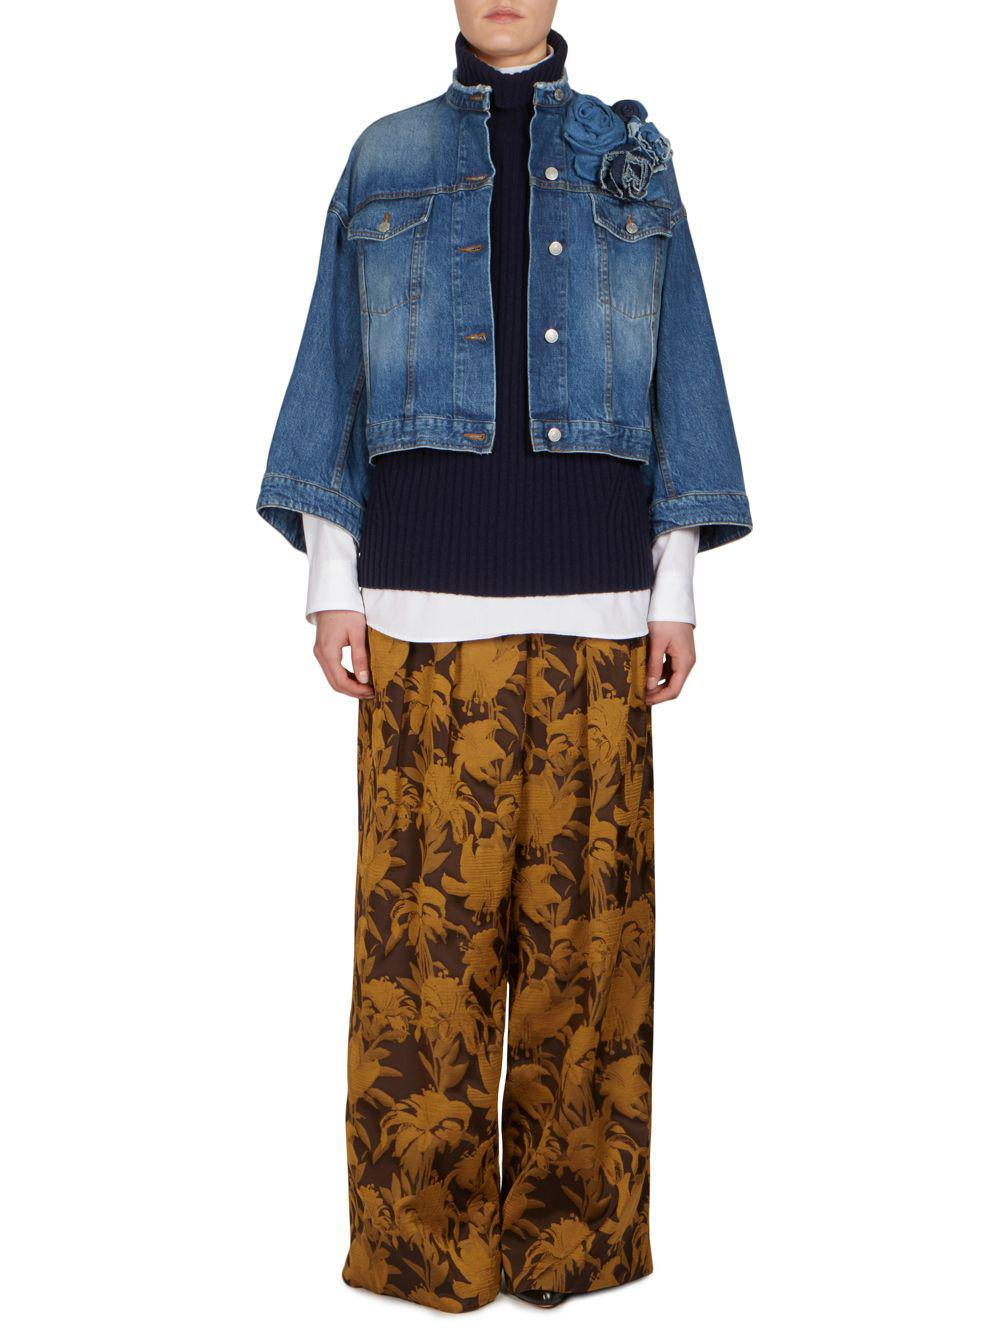 095310e4bc Lyst - Dries Van Noten Cotton Denim Jacket in Blue